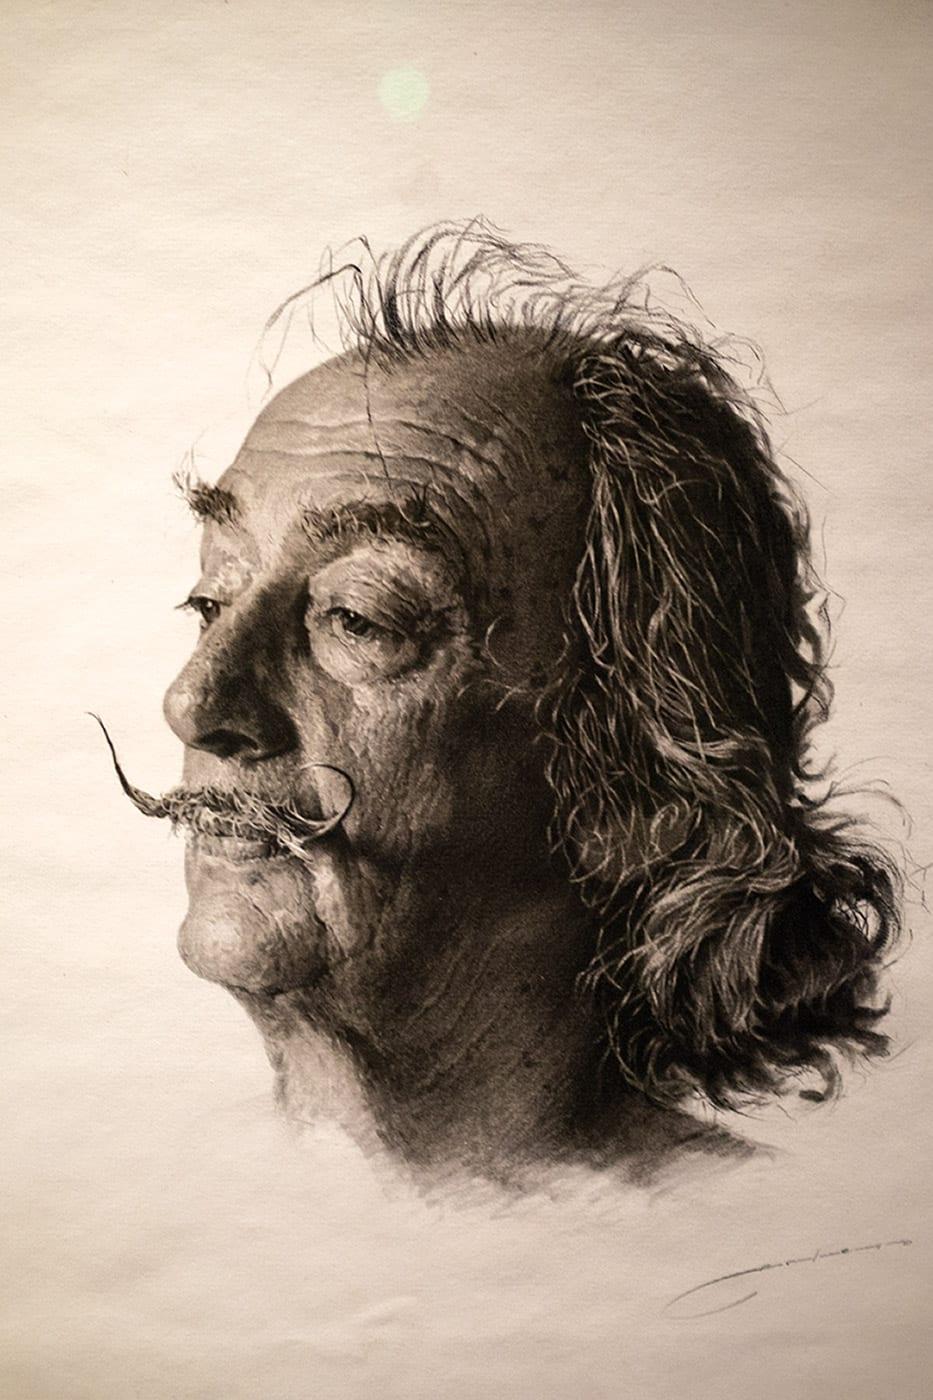 Théâtre-Musée Dalí, Figueres, catalogne, la Costa Brava surréaliste, le grand triangle de Dalí